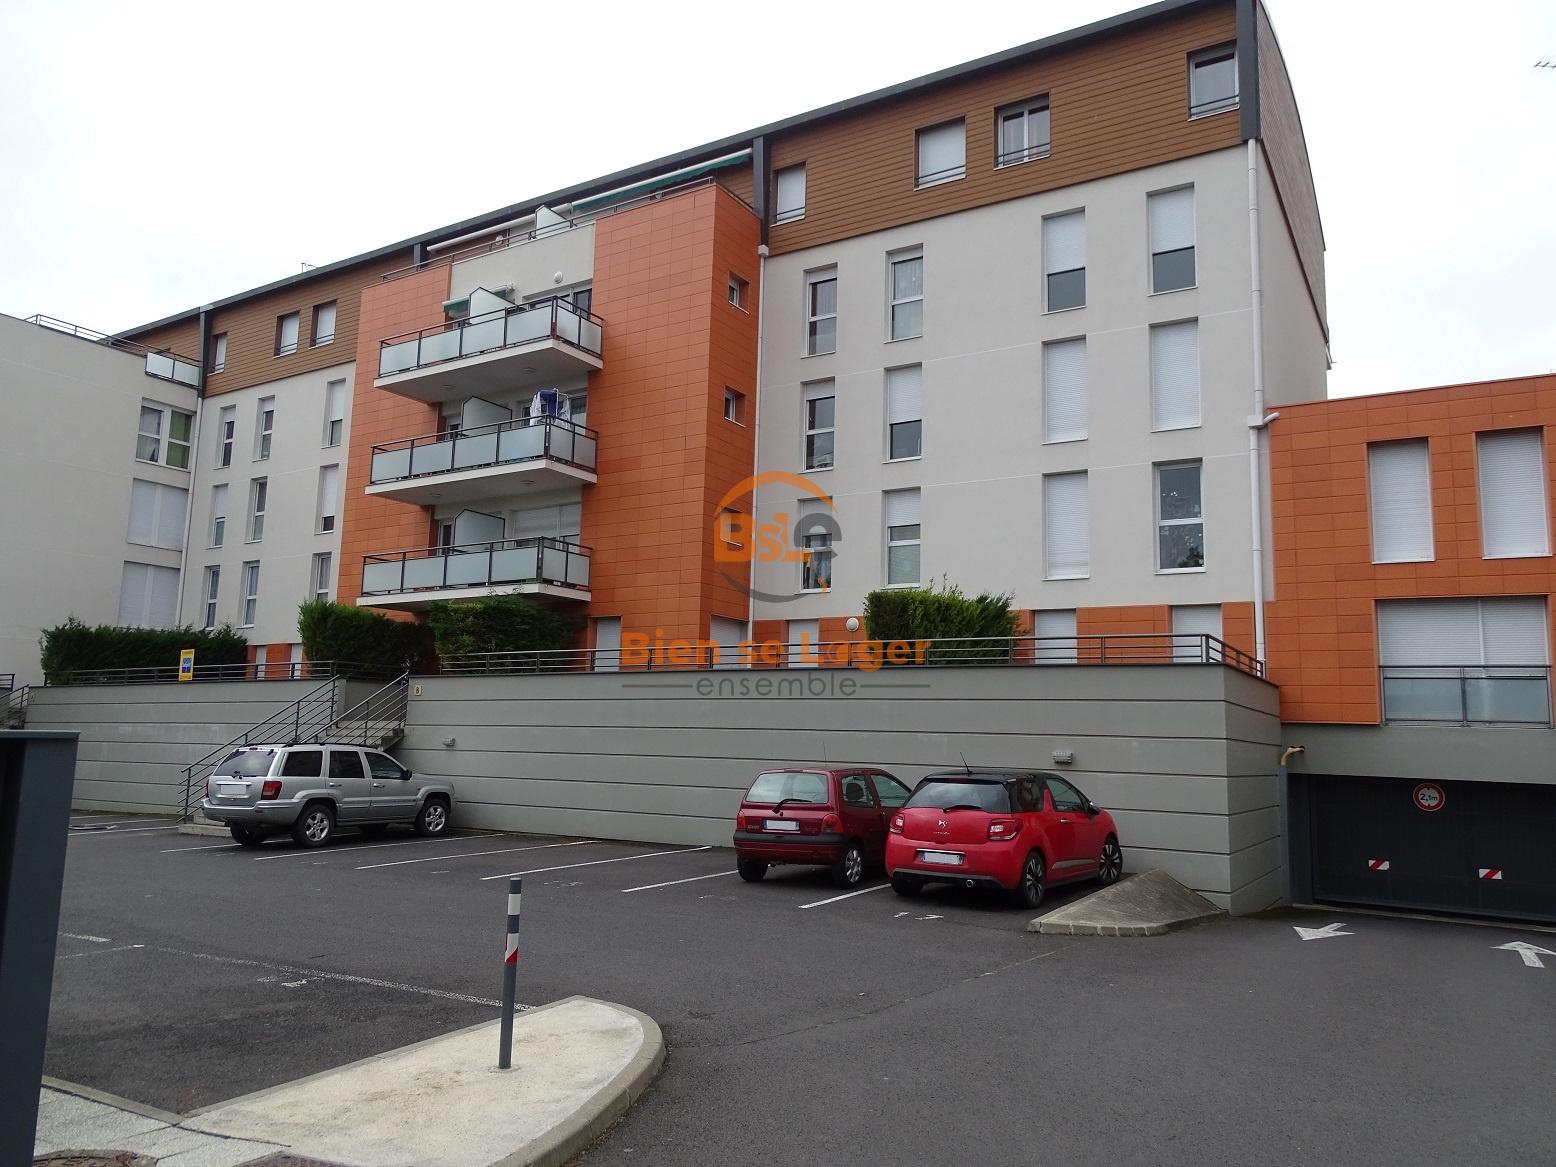 Vente appartement cournon d 39 auvergne 63800 sur le partenaire - Garage cournon d auvergne ...